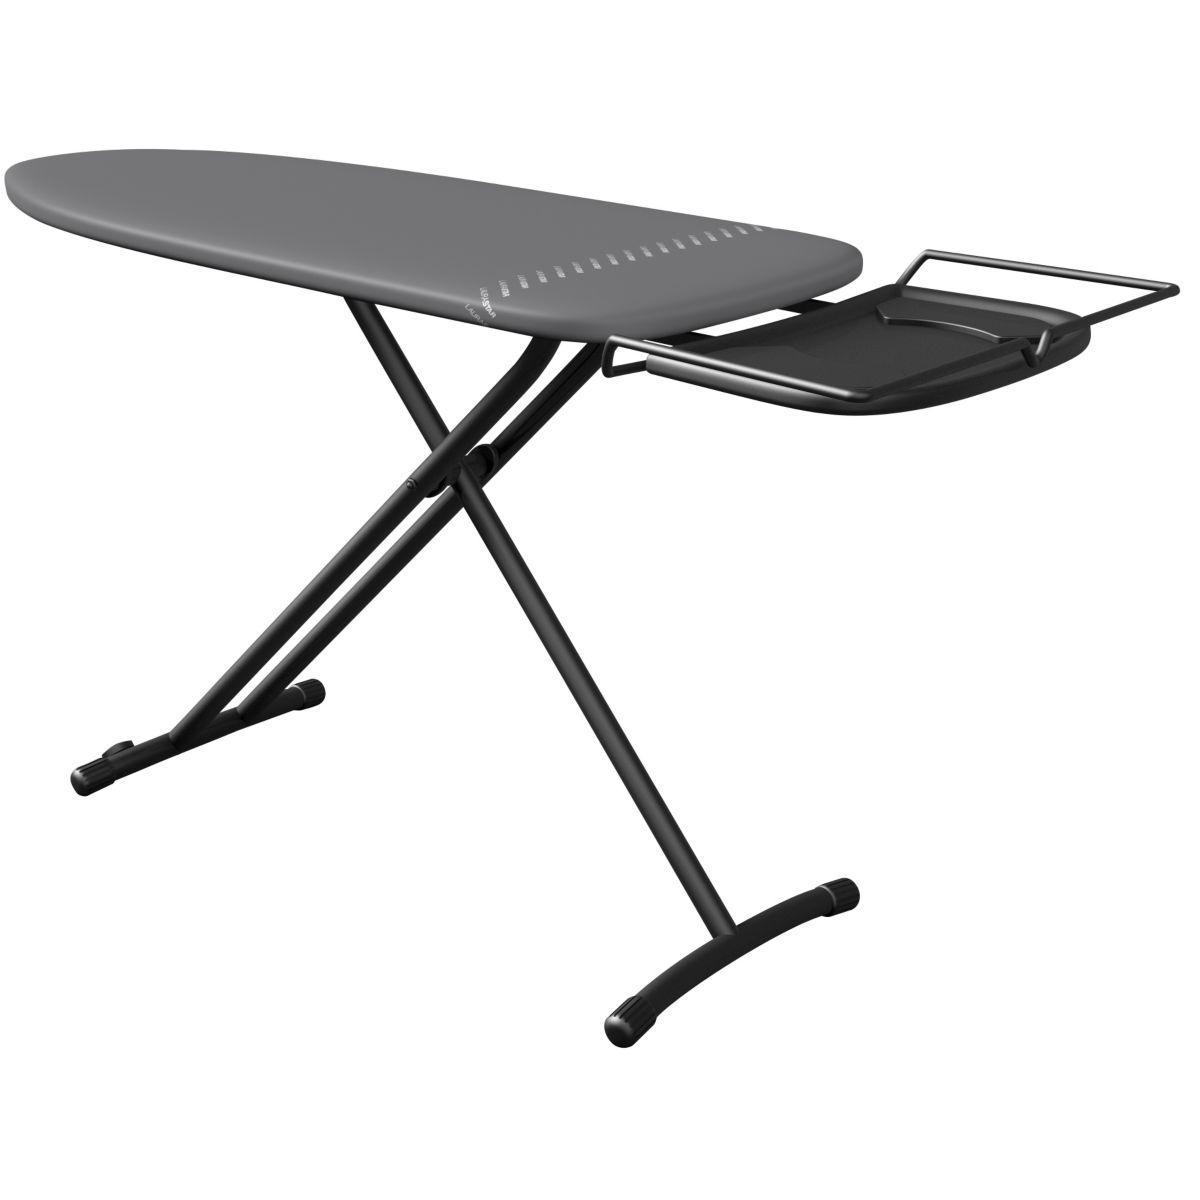 Table à repasser laurastar plusboard grise - produit coup de coeur webdistrib.com !